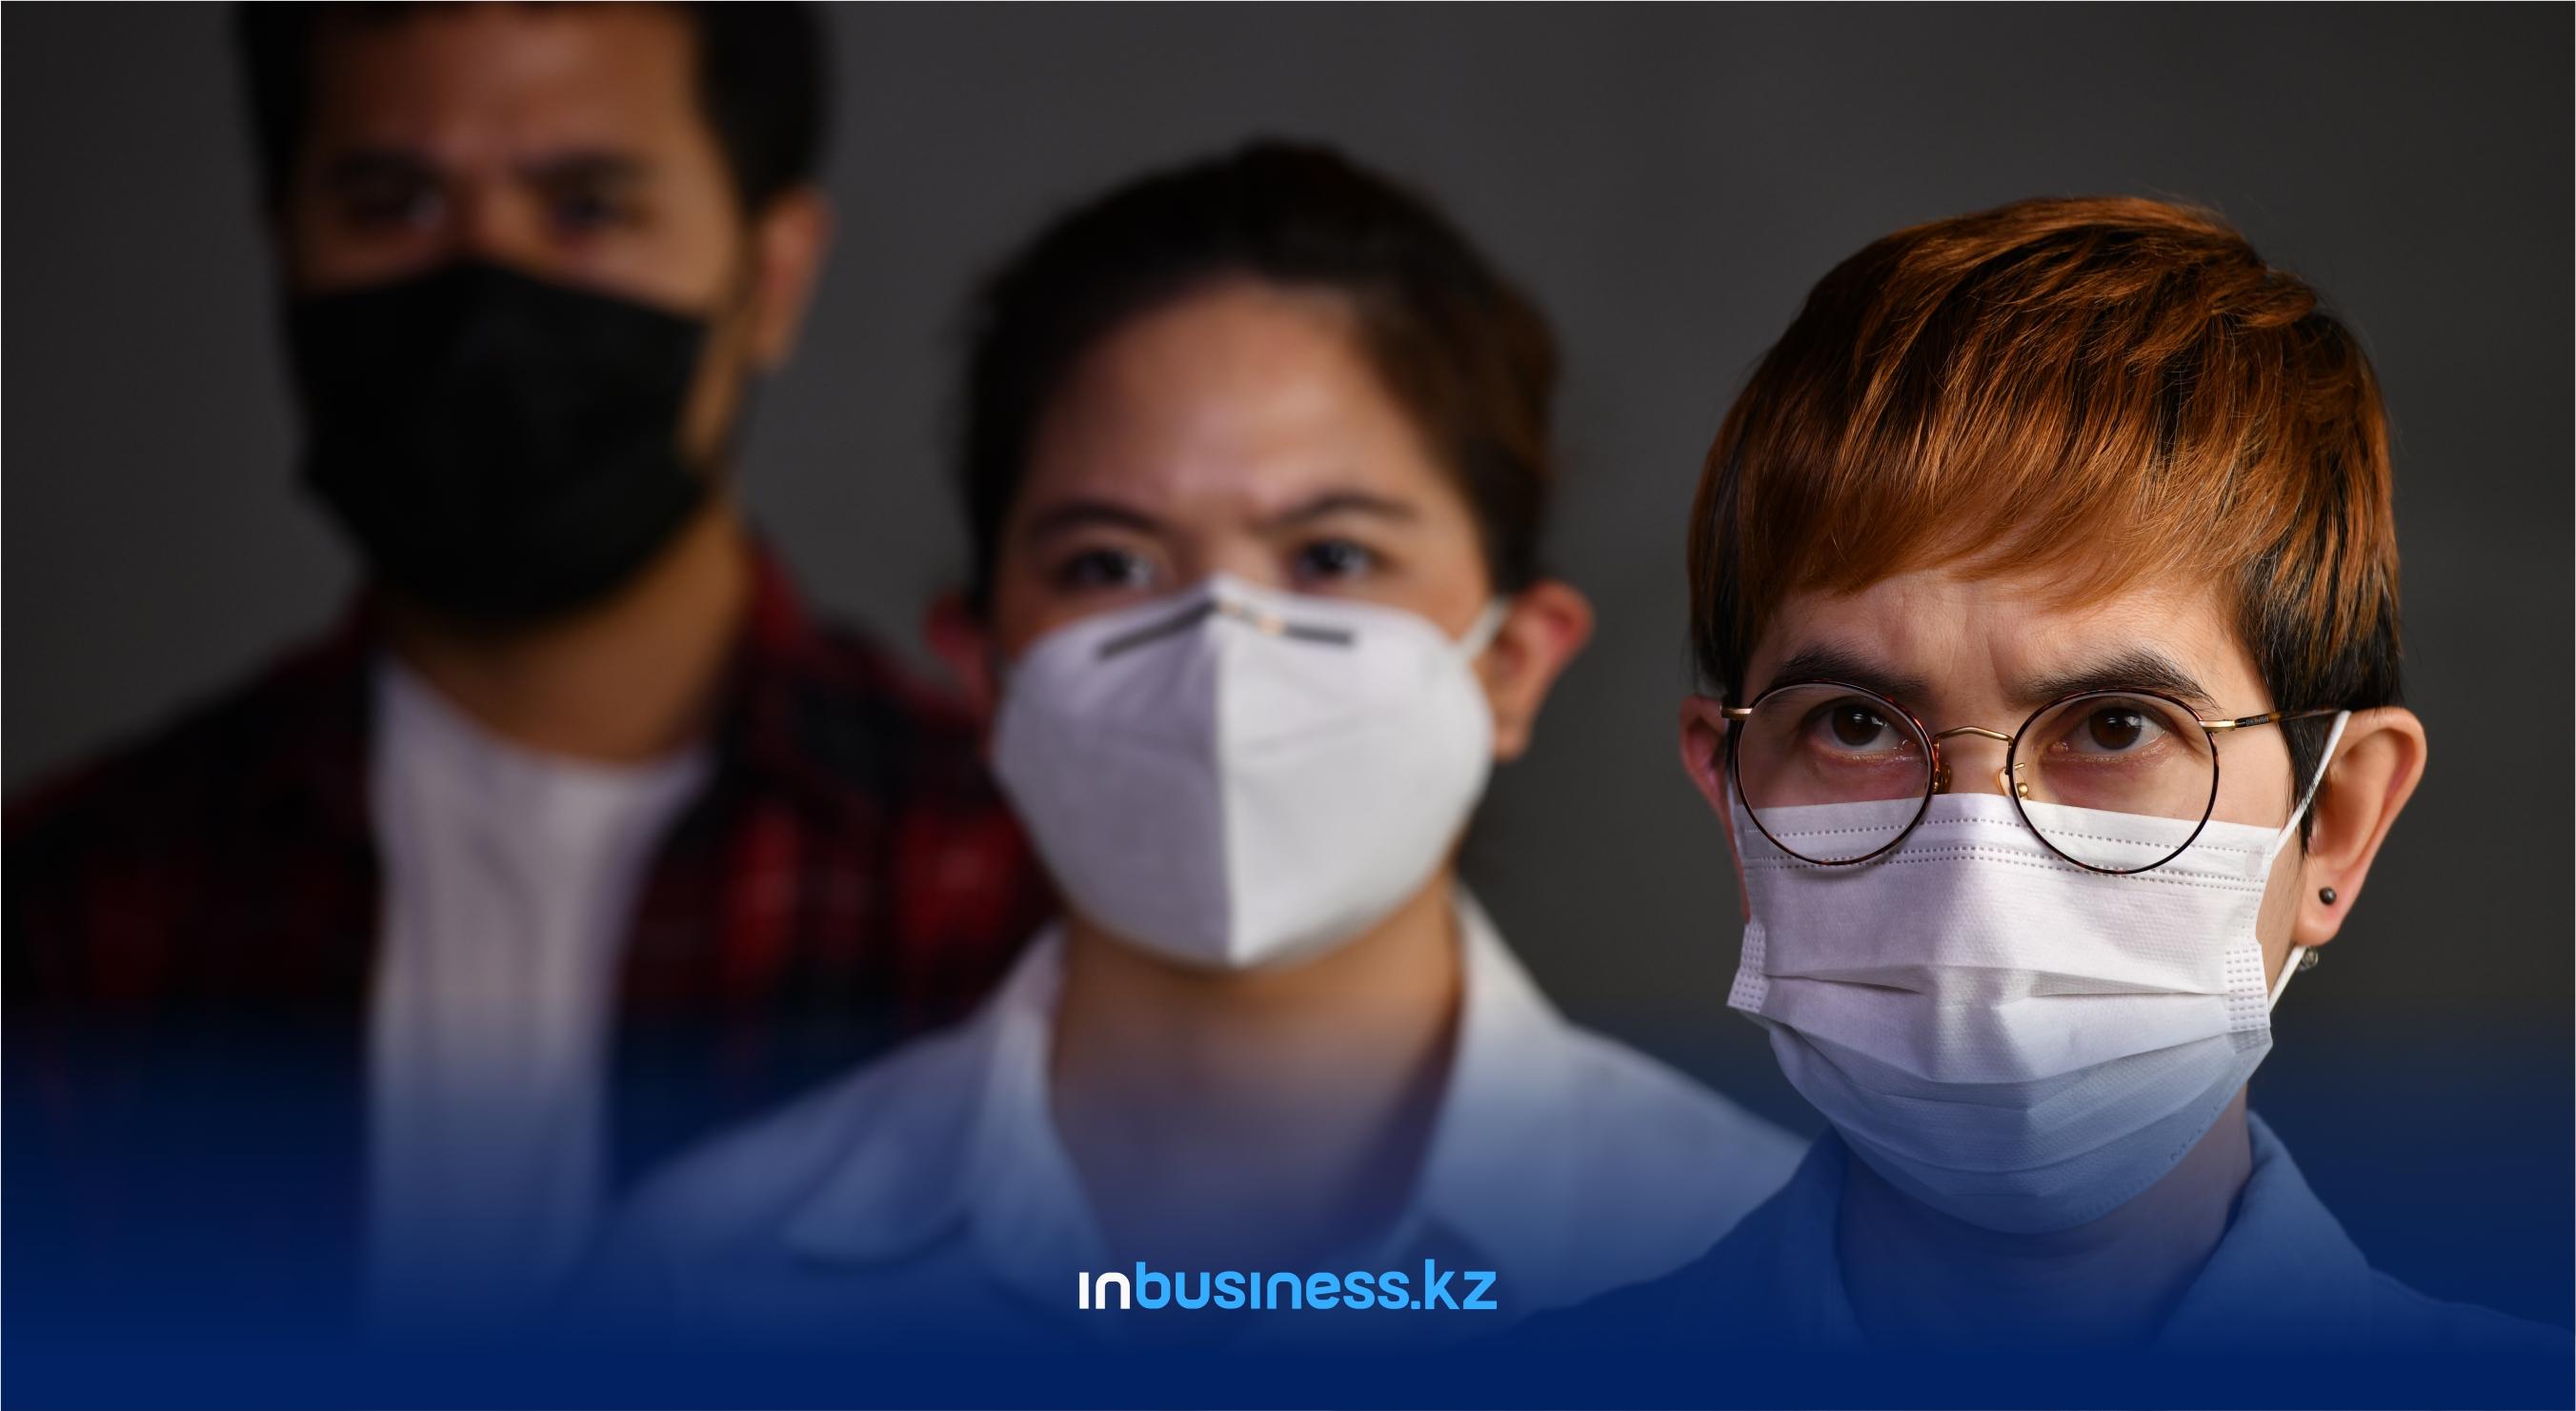 В Казахстане в борьбу с коронавирусом вовлечены более 46 тысяч медработников